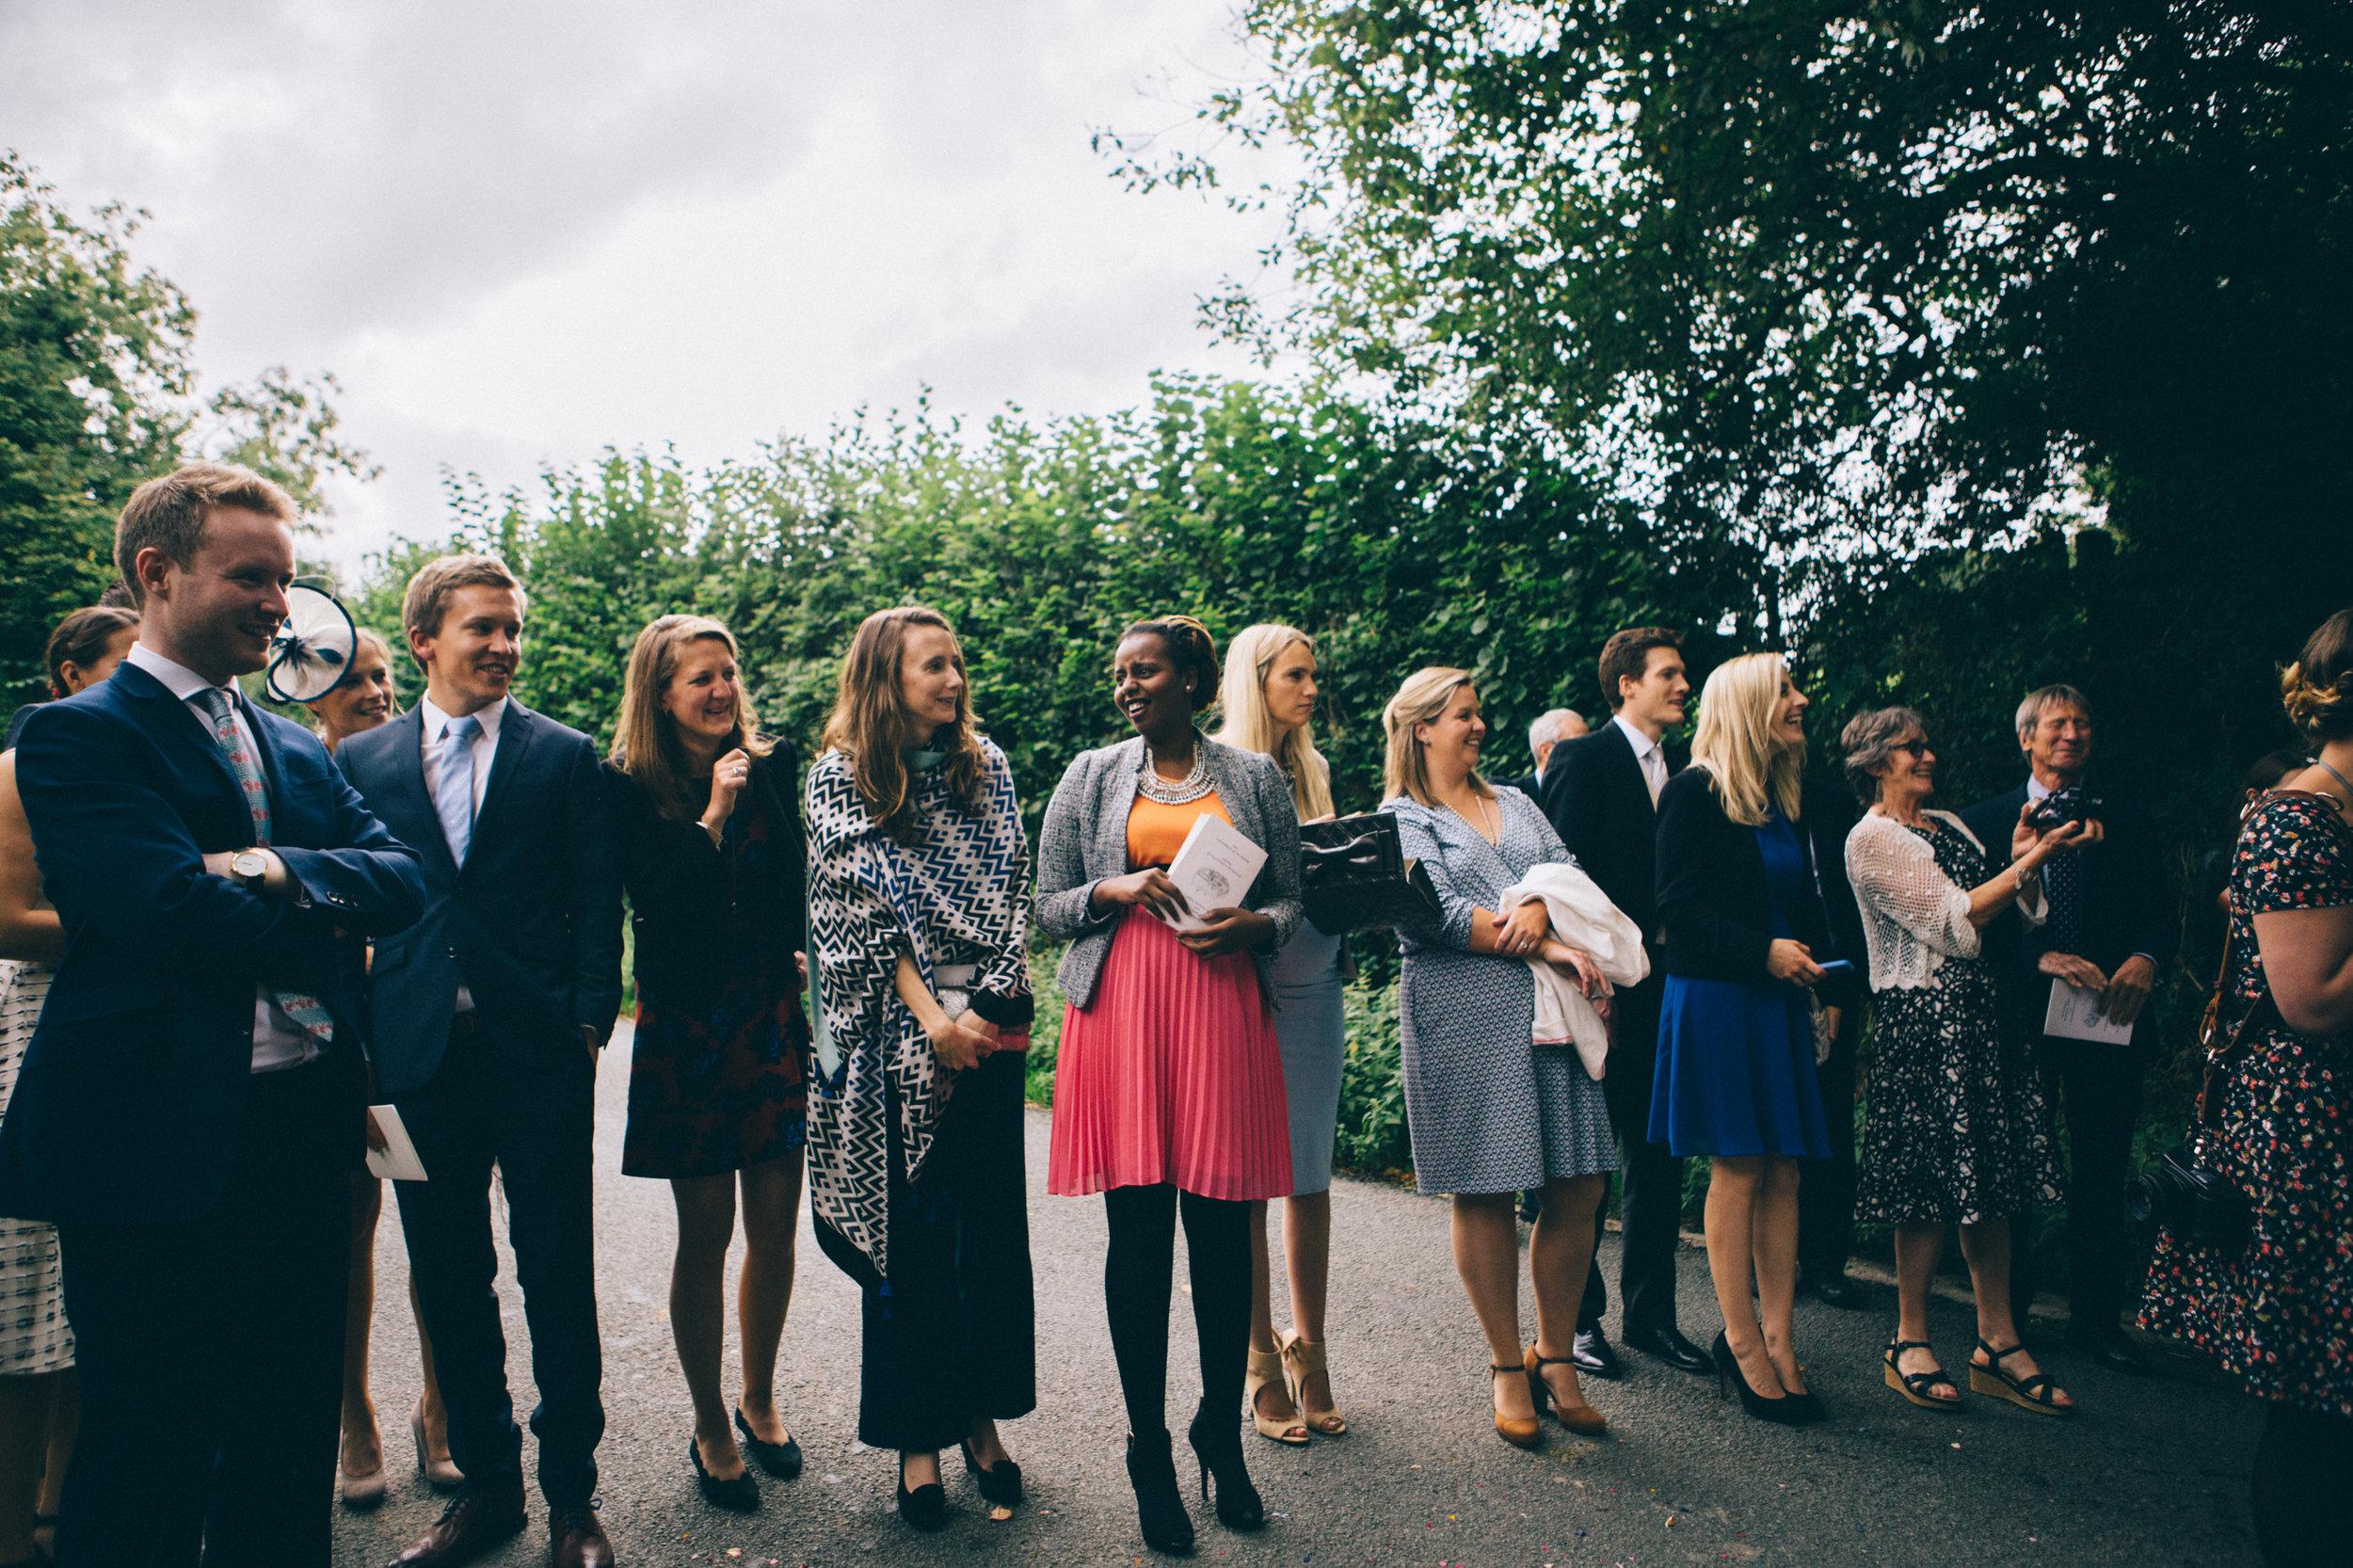 uk wedding photographer artistic wedding photography-76.jpg